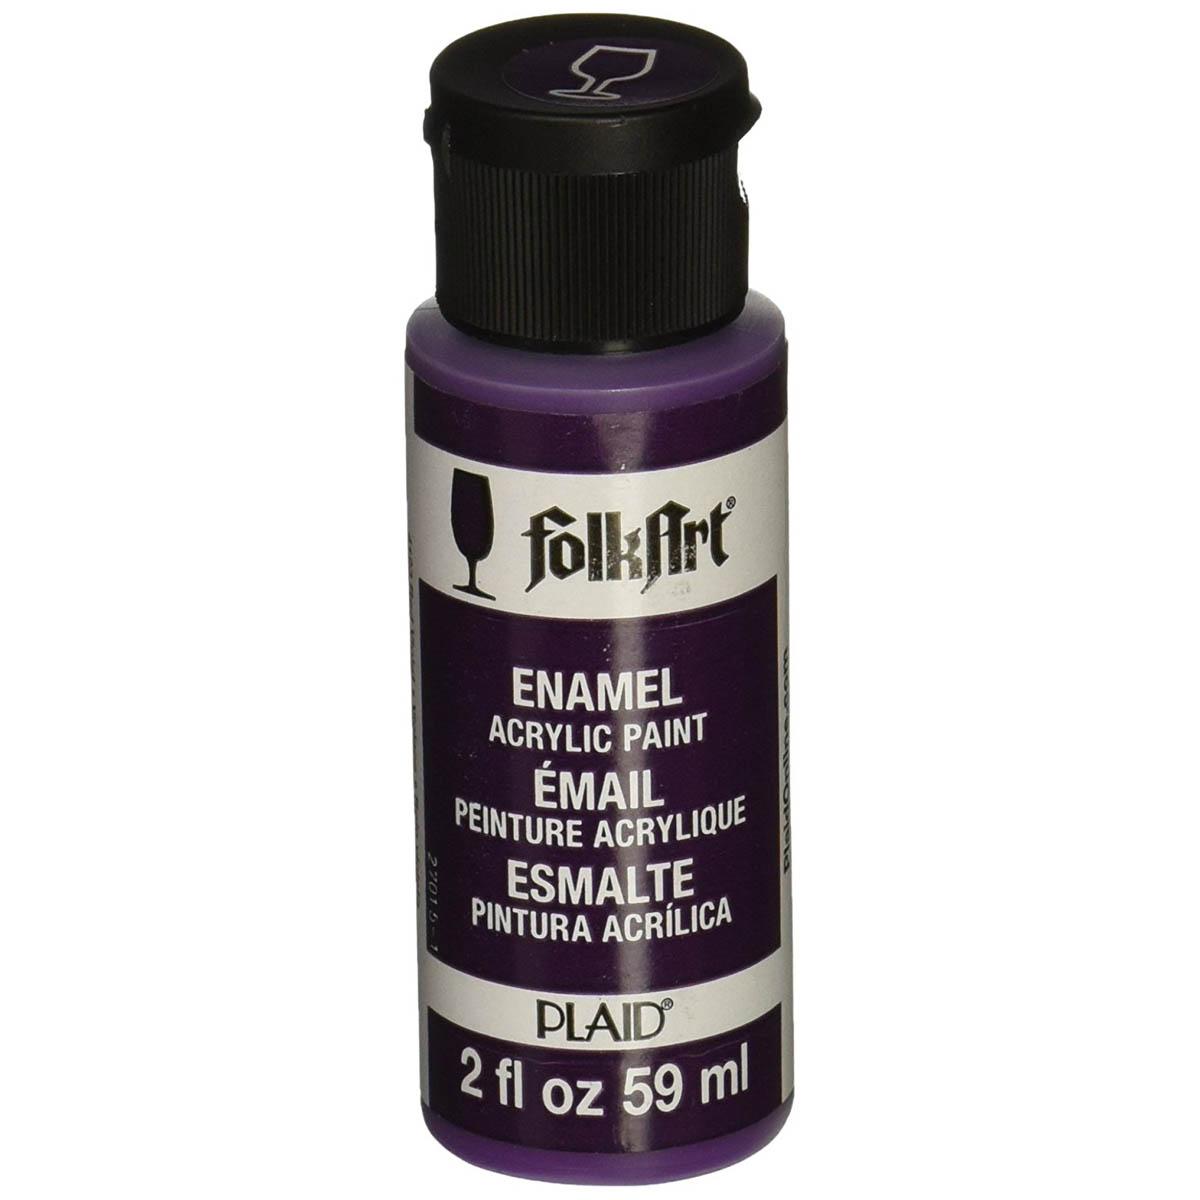 FolkArt ® Enamels™ - Red Violet, 2 oz. - 4123